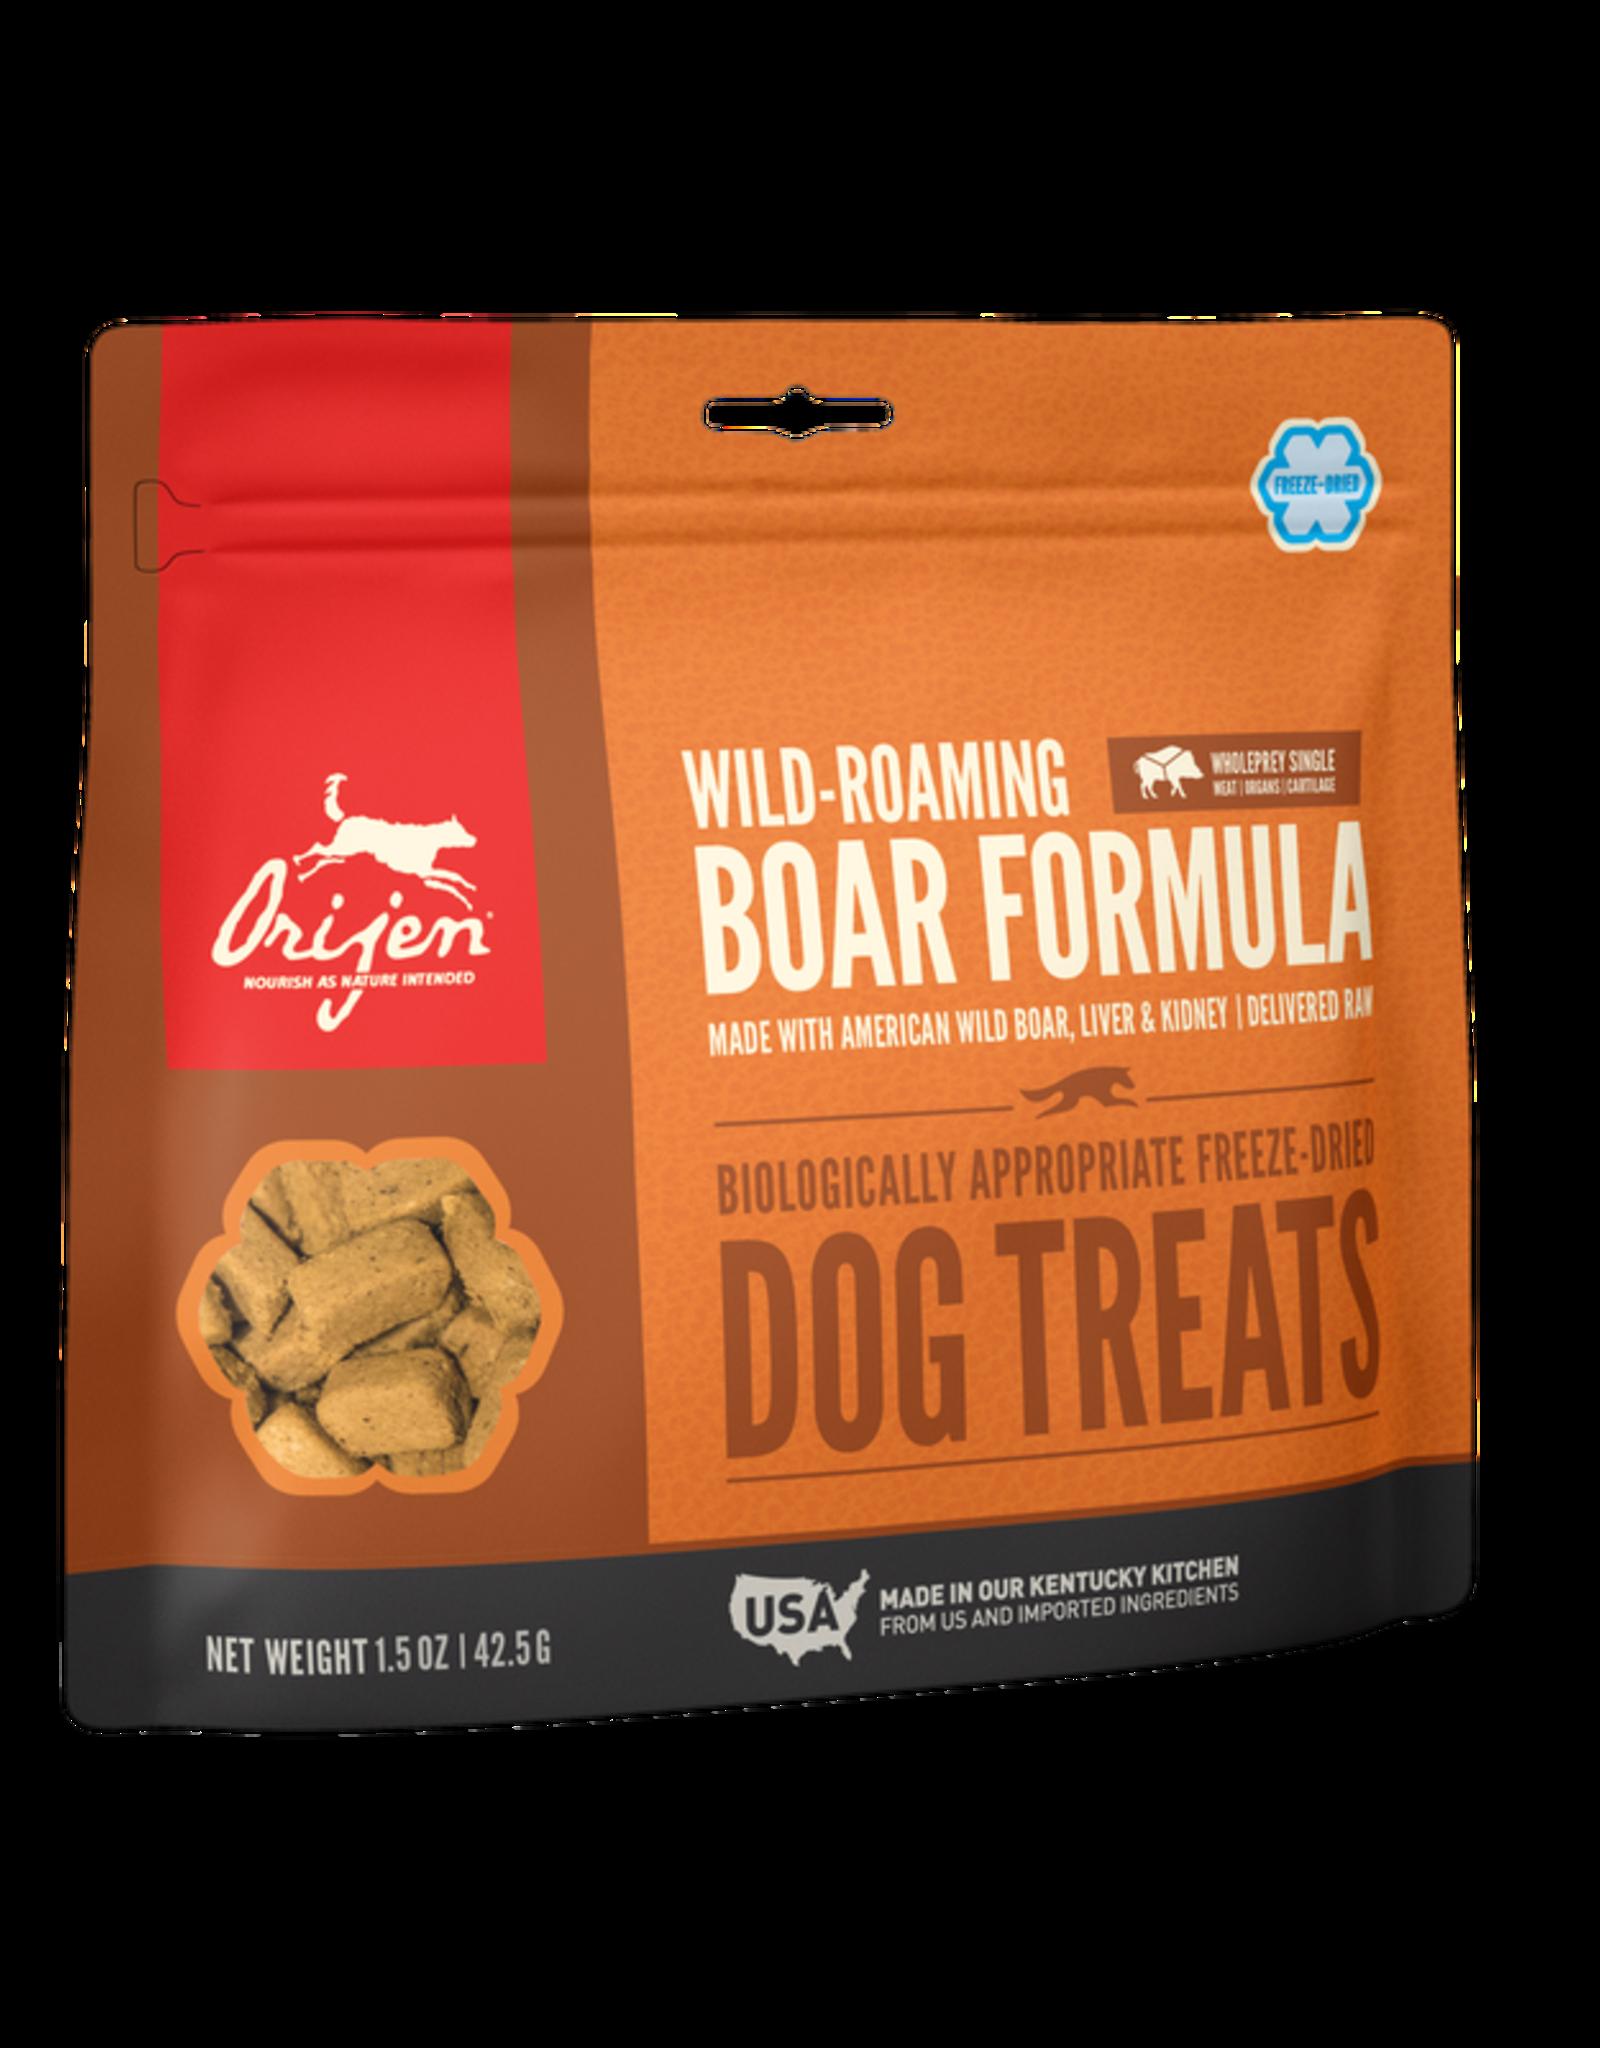 Orijen Freeze-Dried Wild Boar Treats - 1.5oz